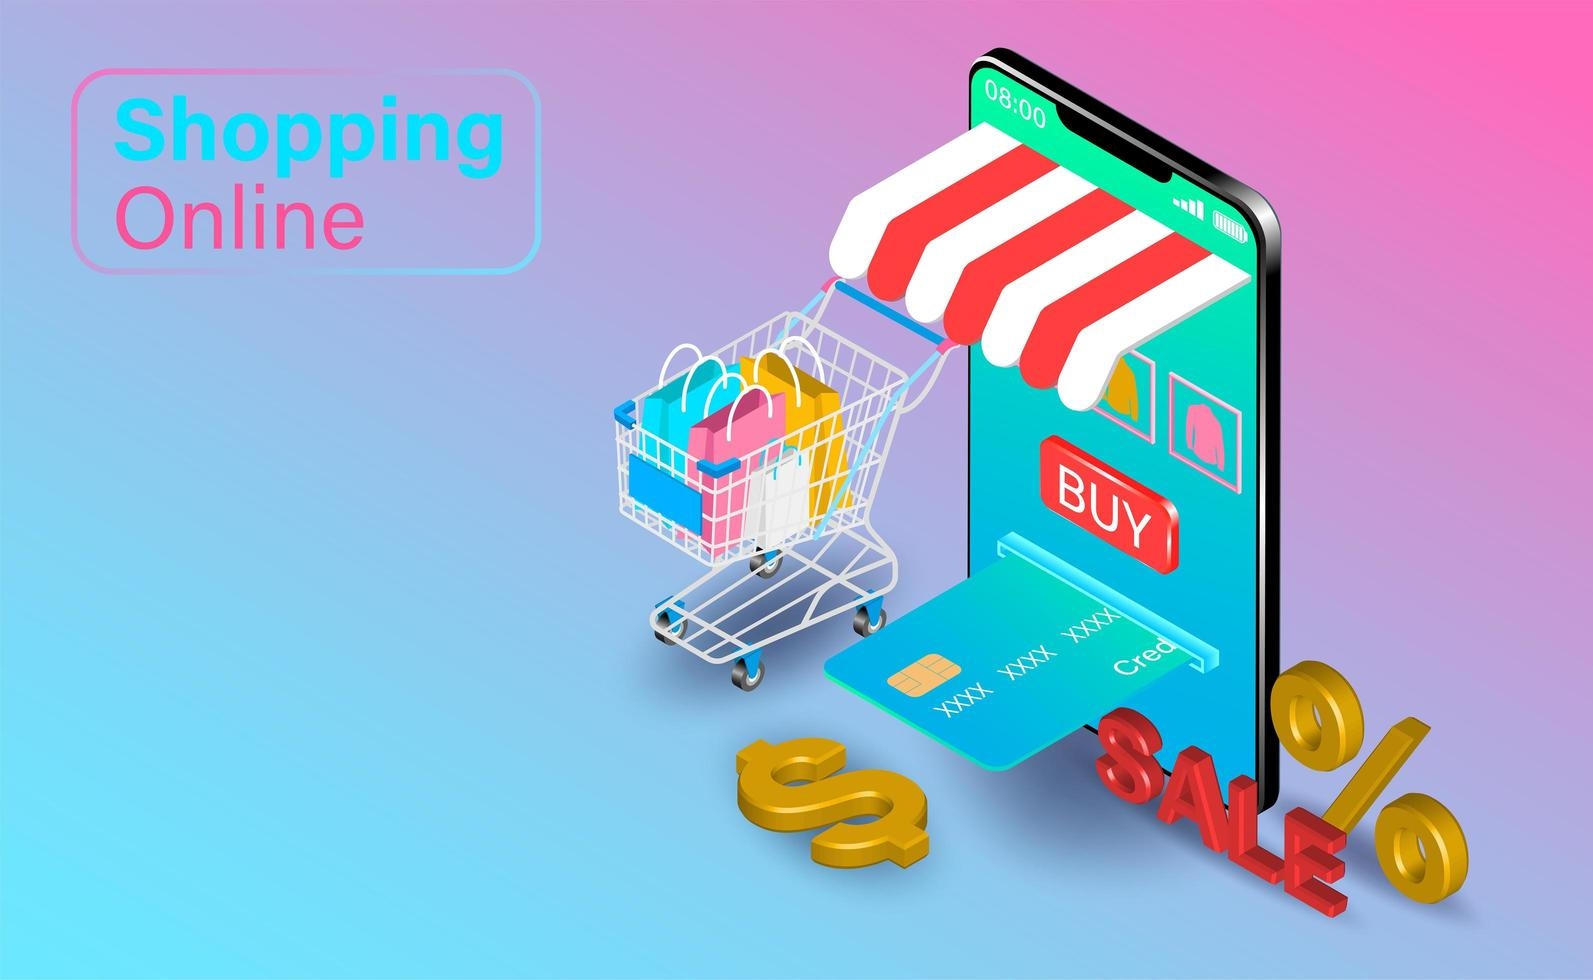 compras en línea en teléfonos inteligentes con carrito de crédito vector